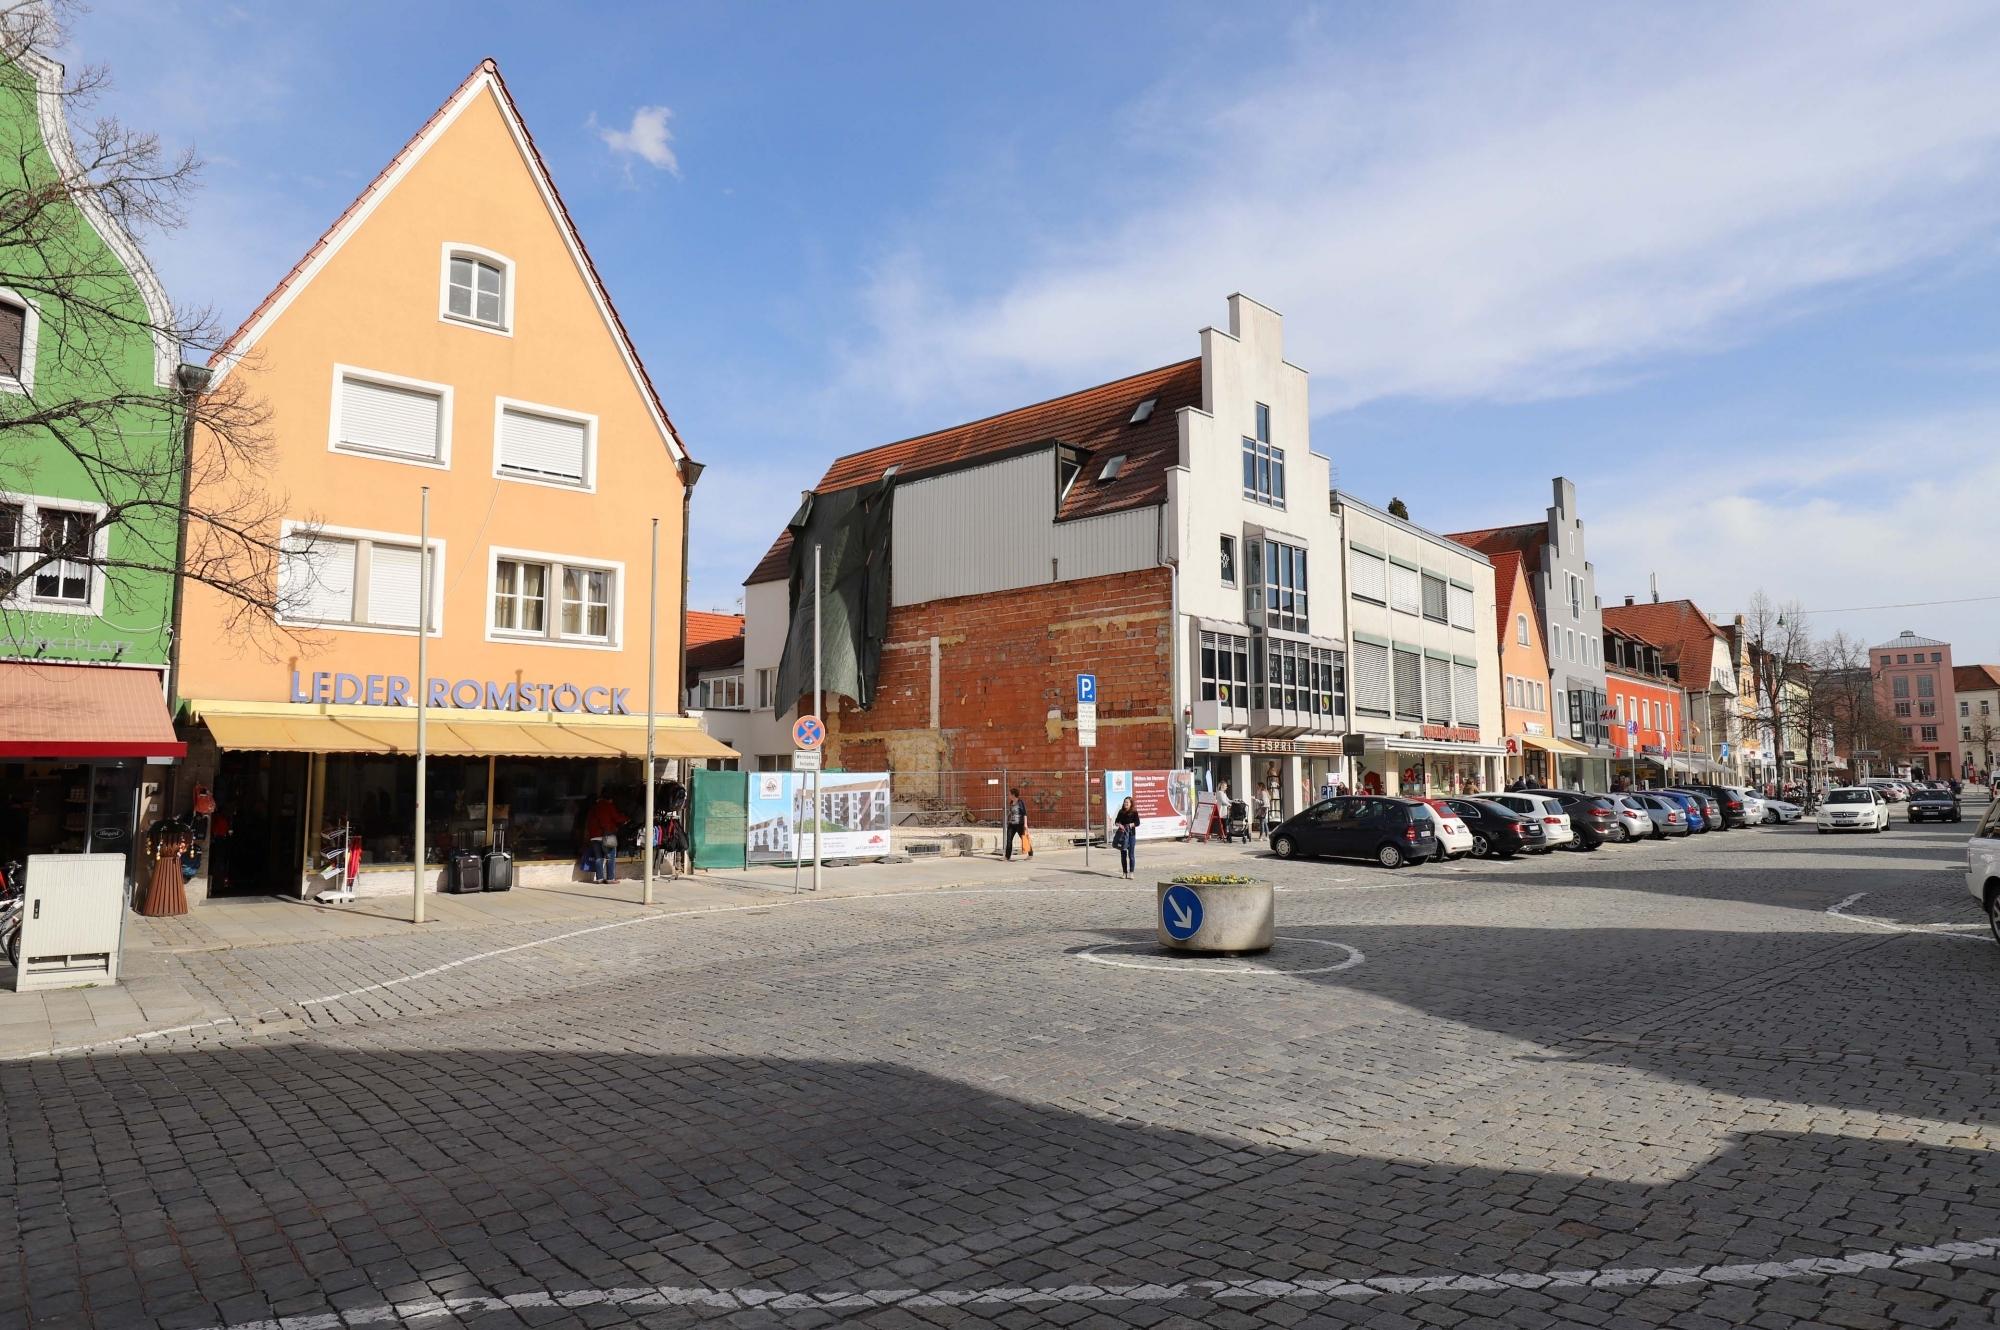 03.04.18 Blick Richtung Oberer Markt